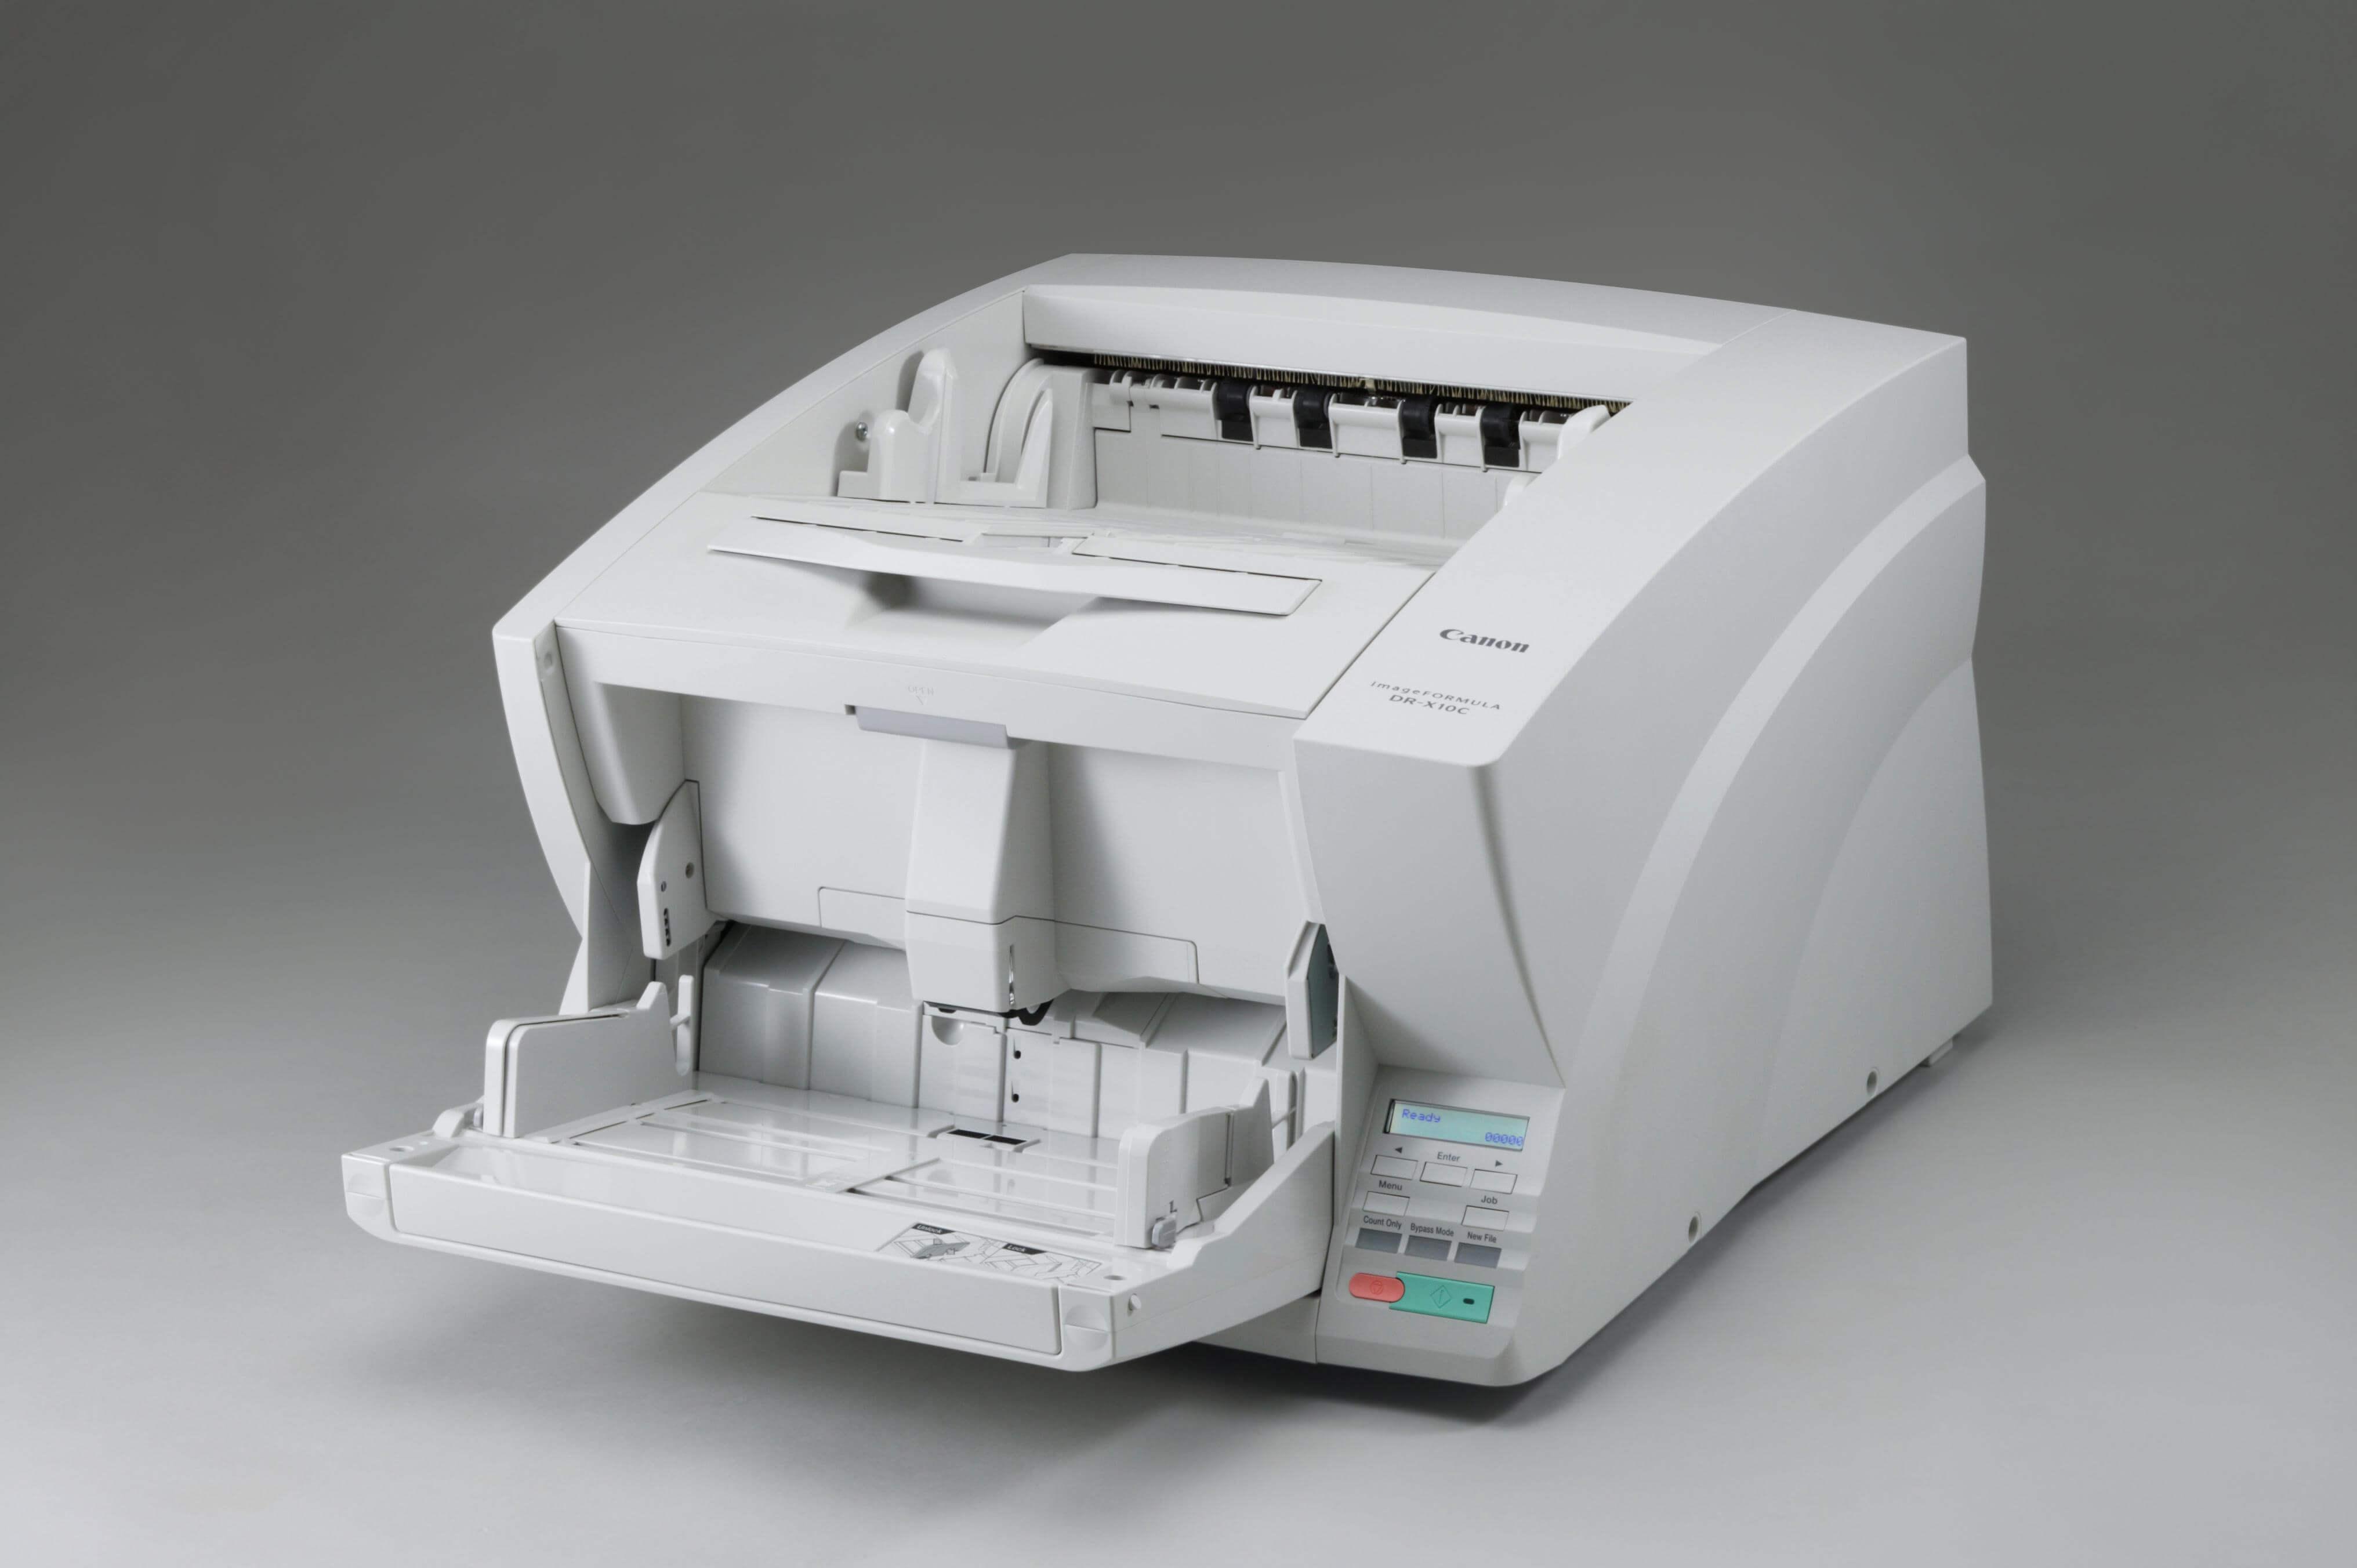 DR-X10C imageFORMULA Scanner Canon Grande Volume